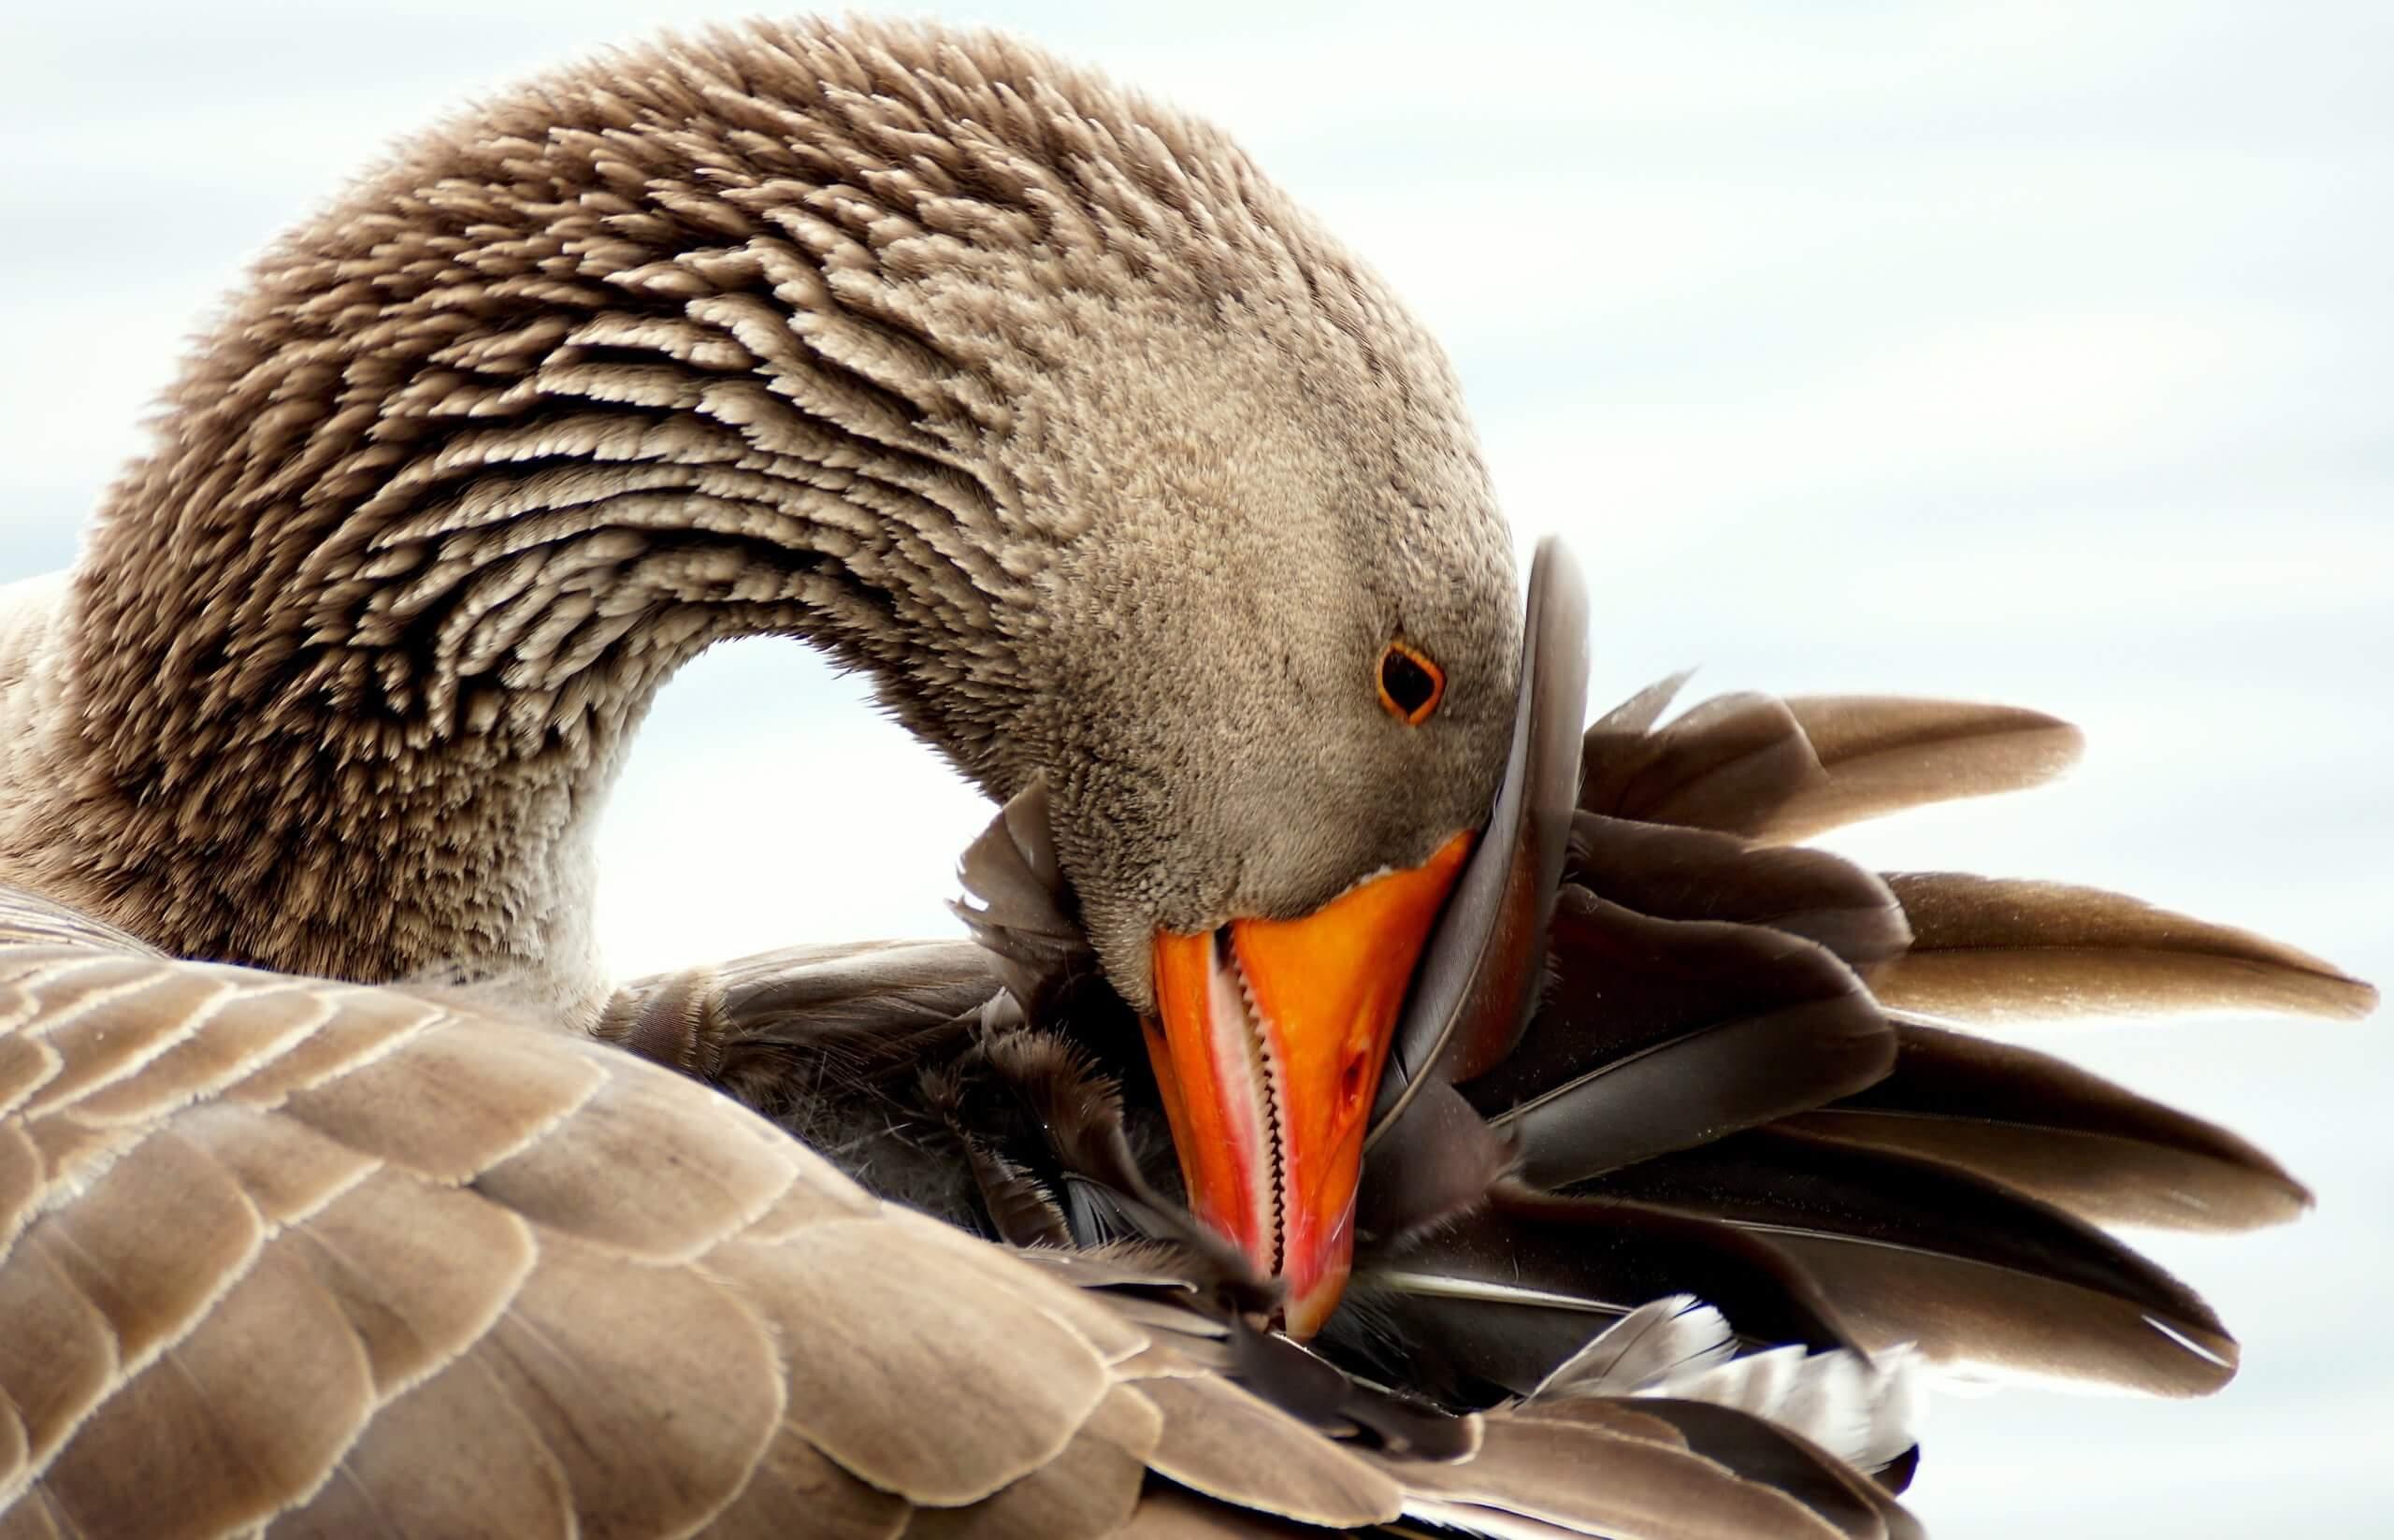 Как отличить гуся от лебедя. разница между гусем и лебедем. где живет лебедь